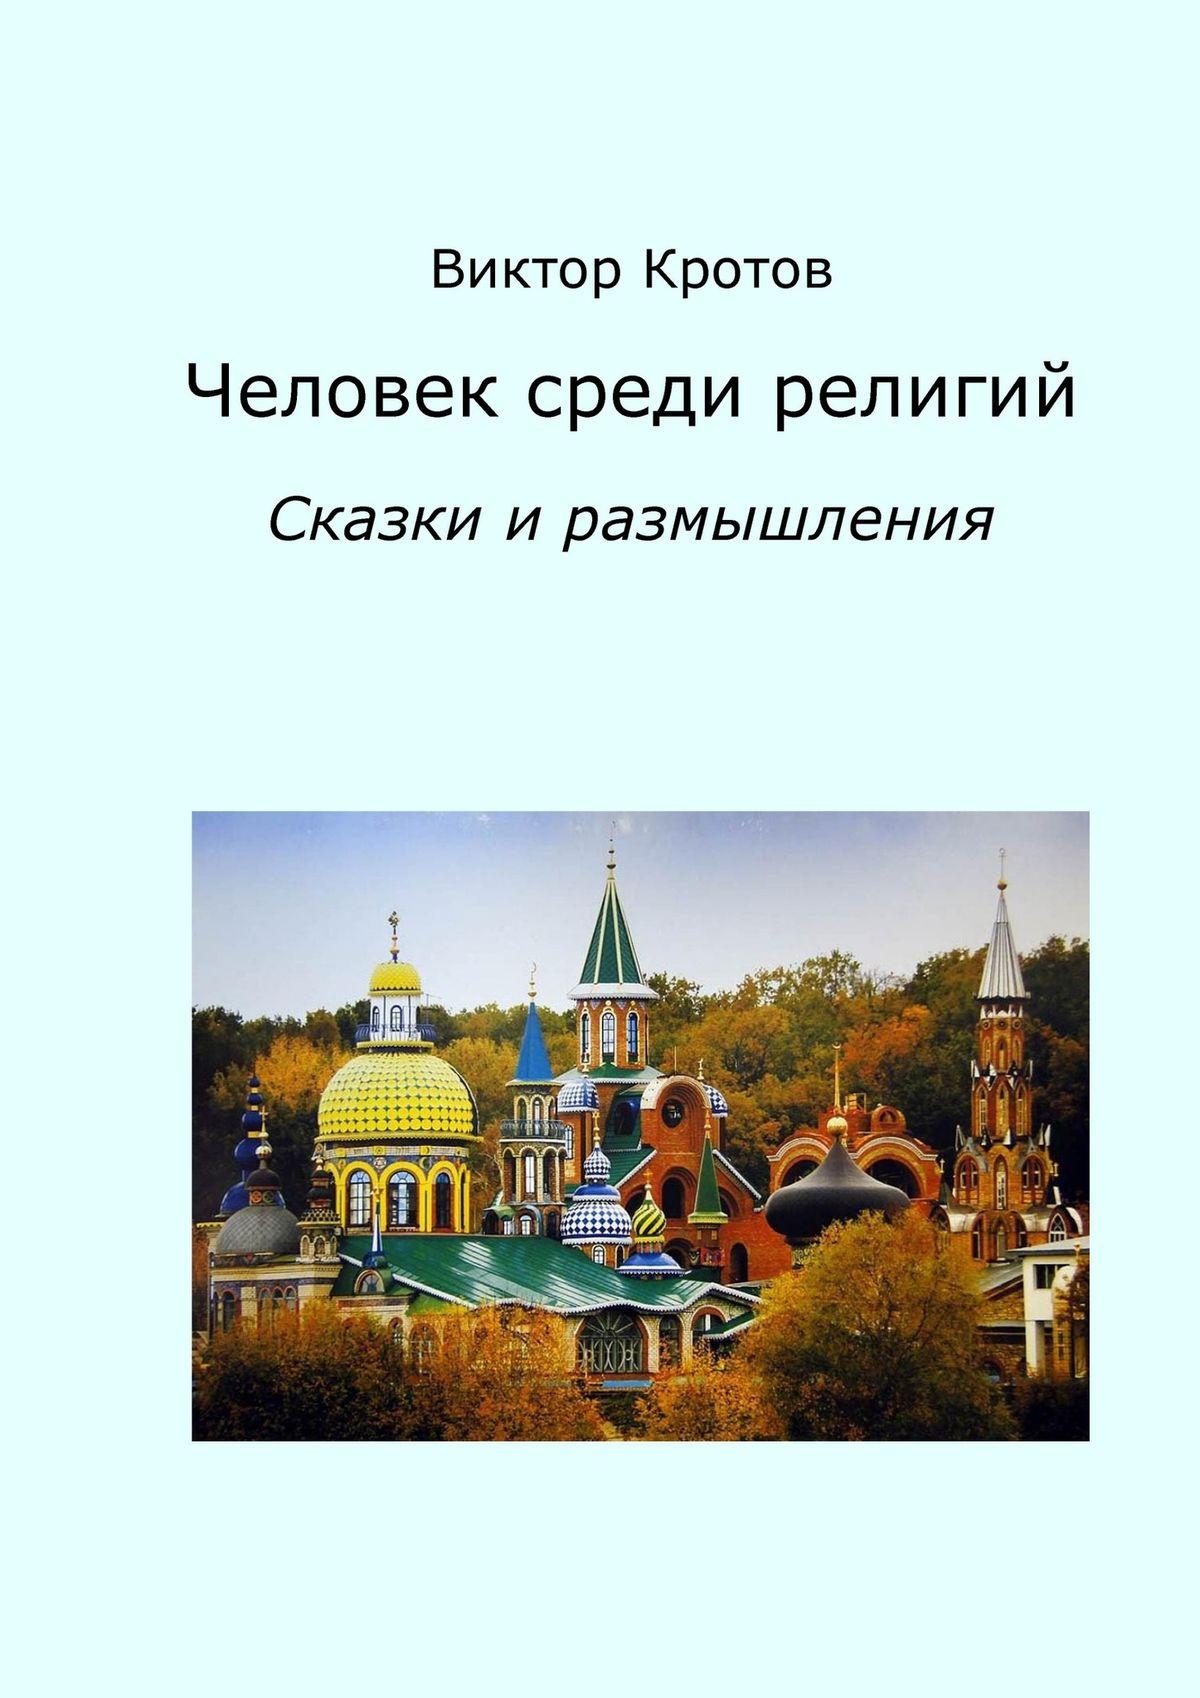 Виктор Кротов Человек среди религий. Сказки и размышления